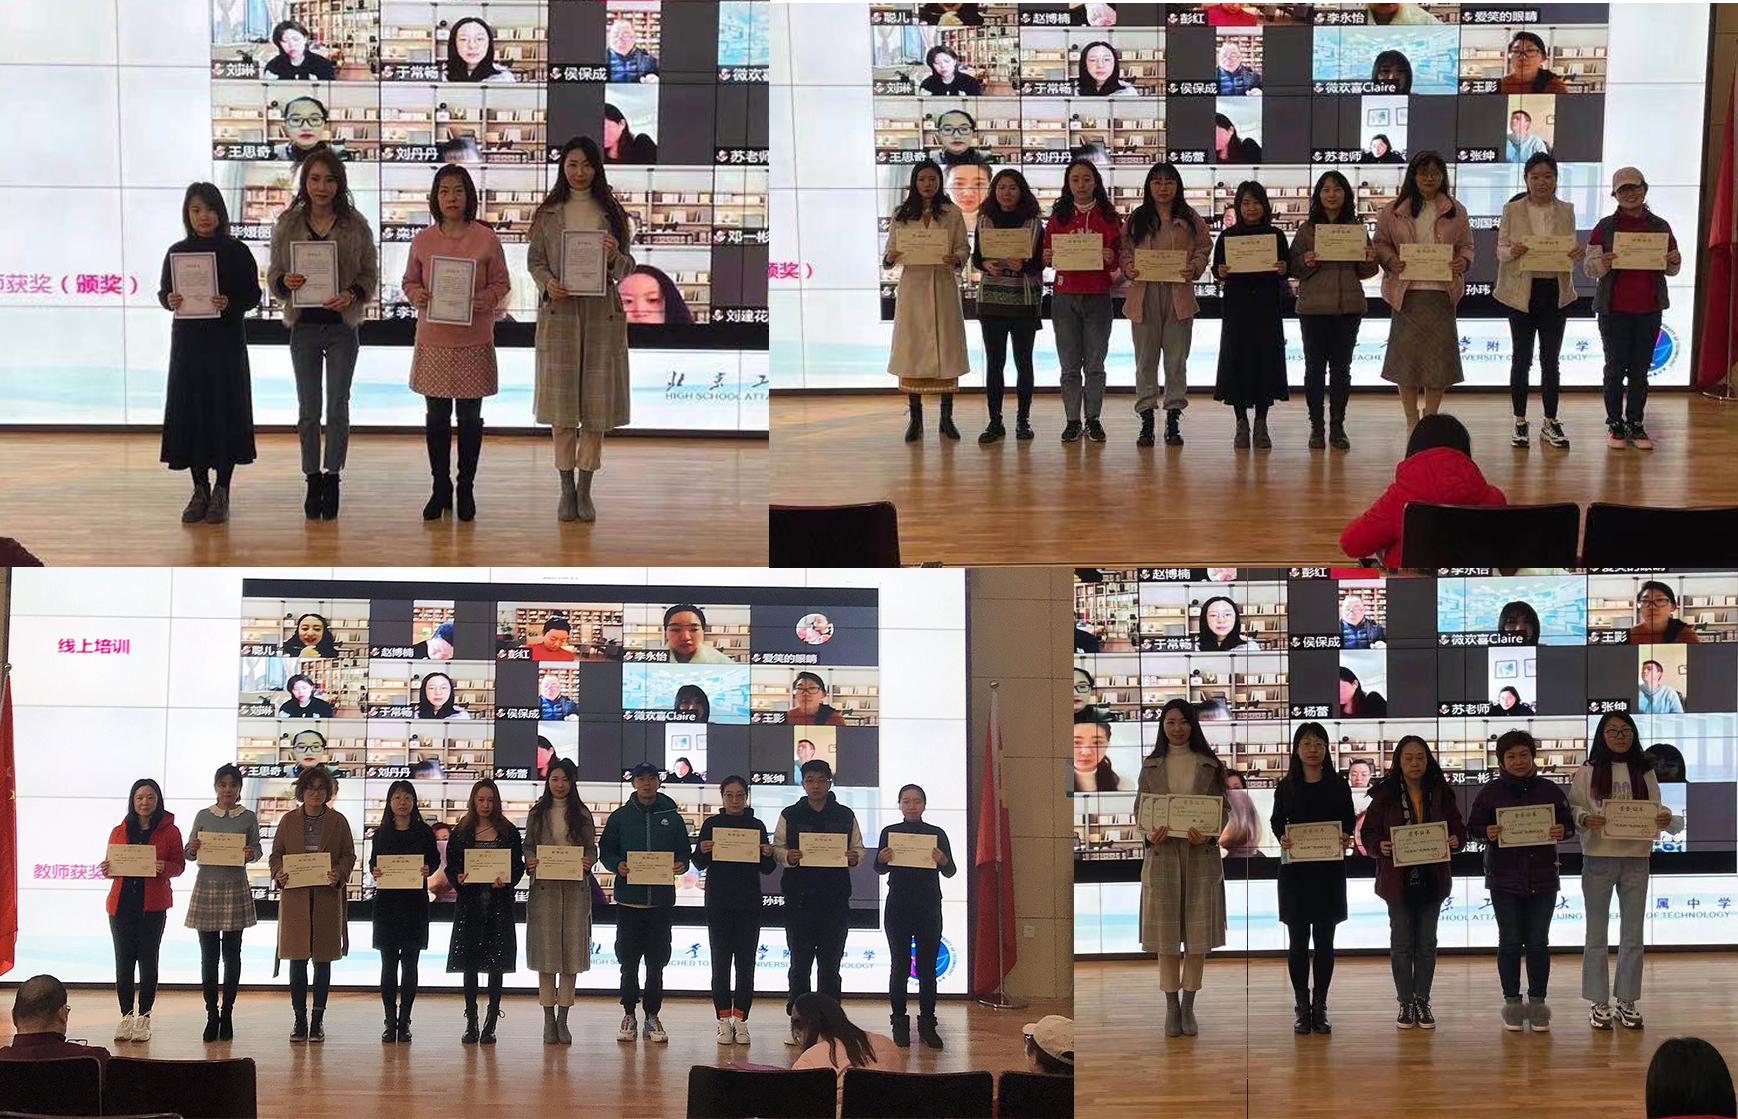 3.校领导为上学期获奖教师进行表彰颁奖.jpg